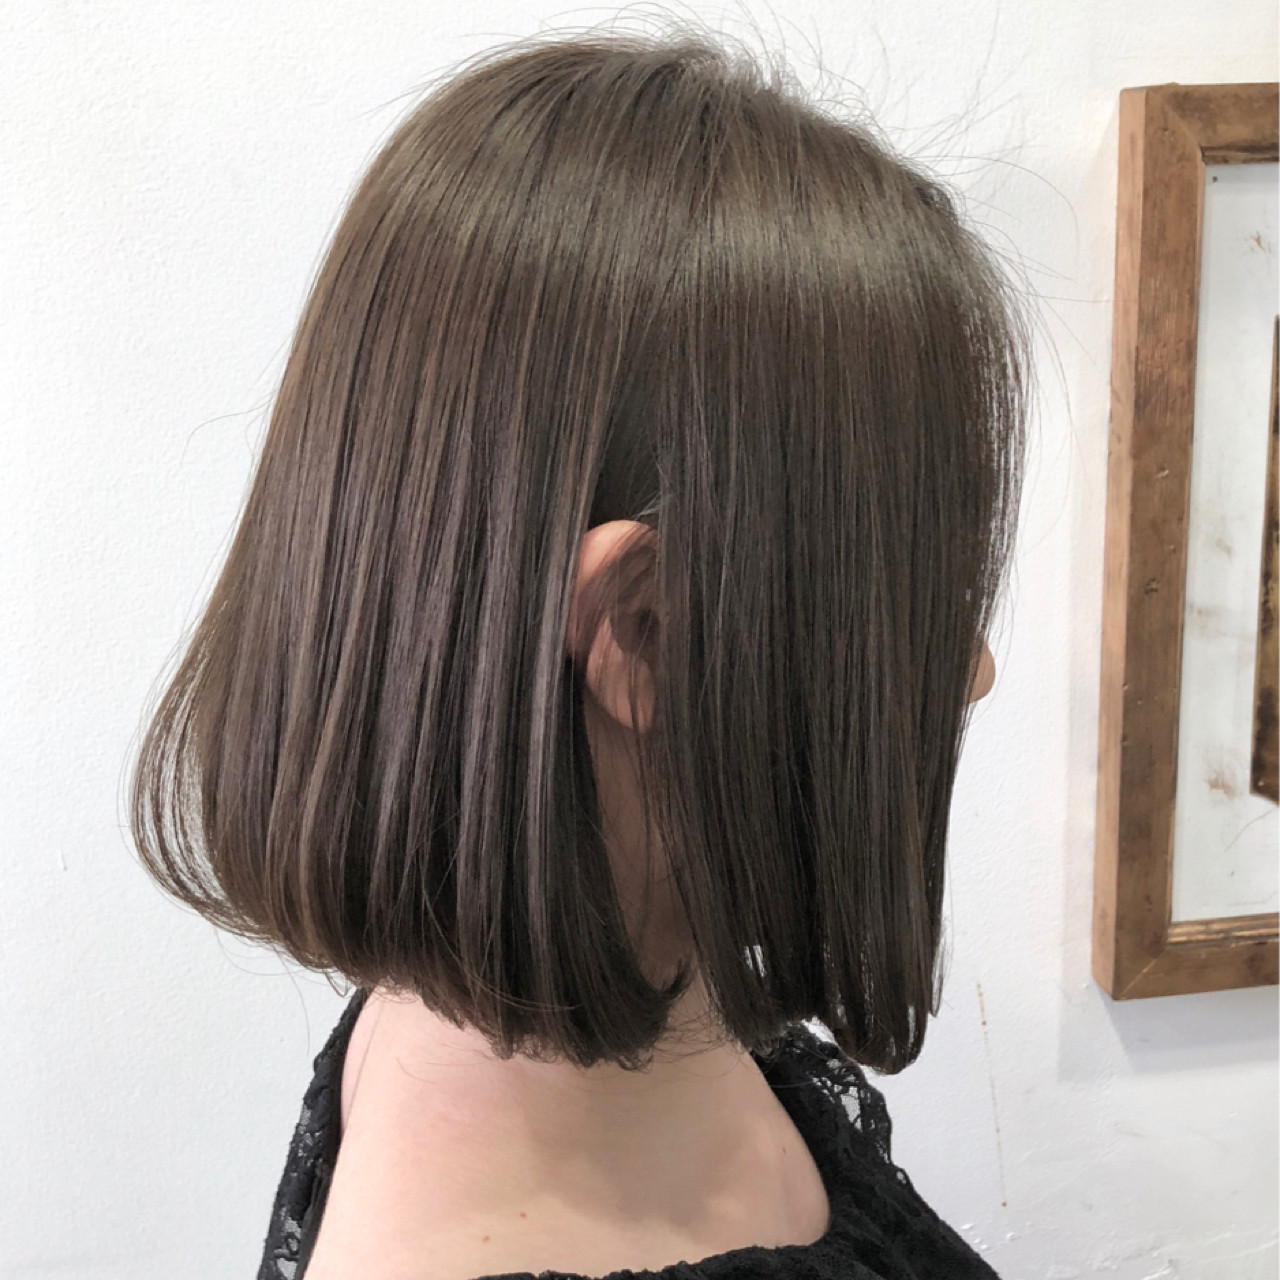 抜け感 簡単ヘアアレンジ 大人かわいい 前髪あり ヘアスタイルや髪型の写真・画像 | 伊藤 大樹 / Lufeli